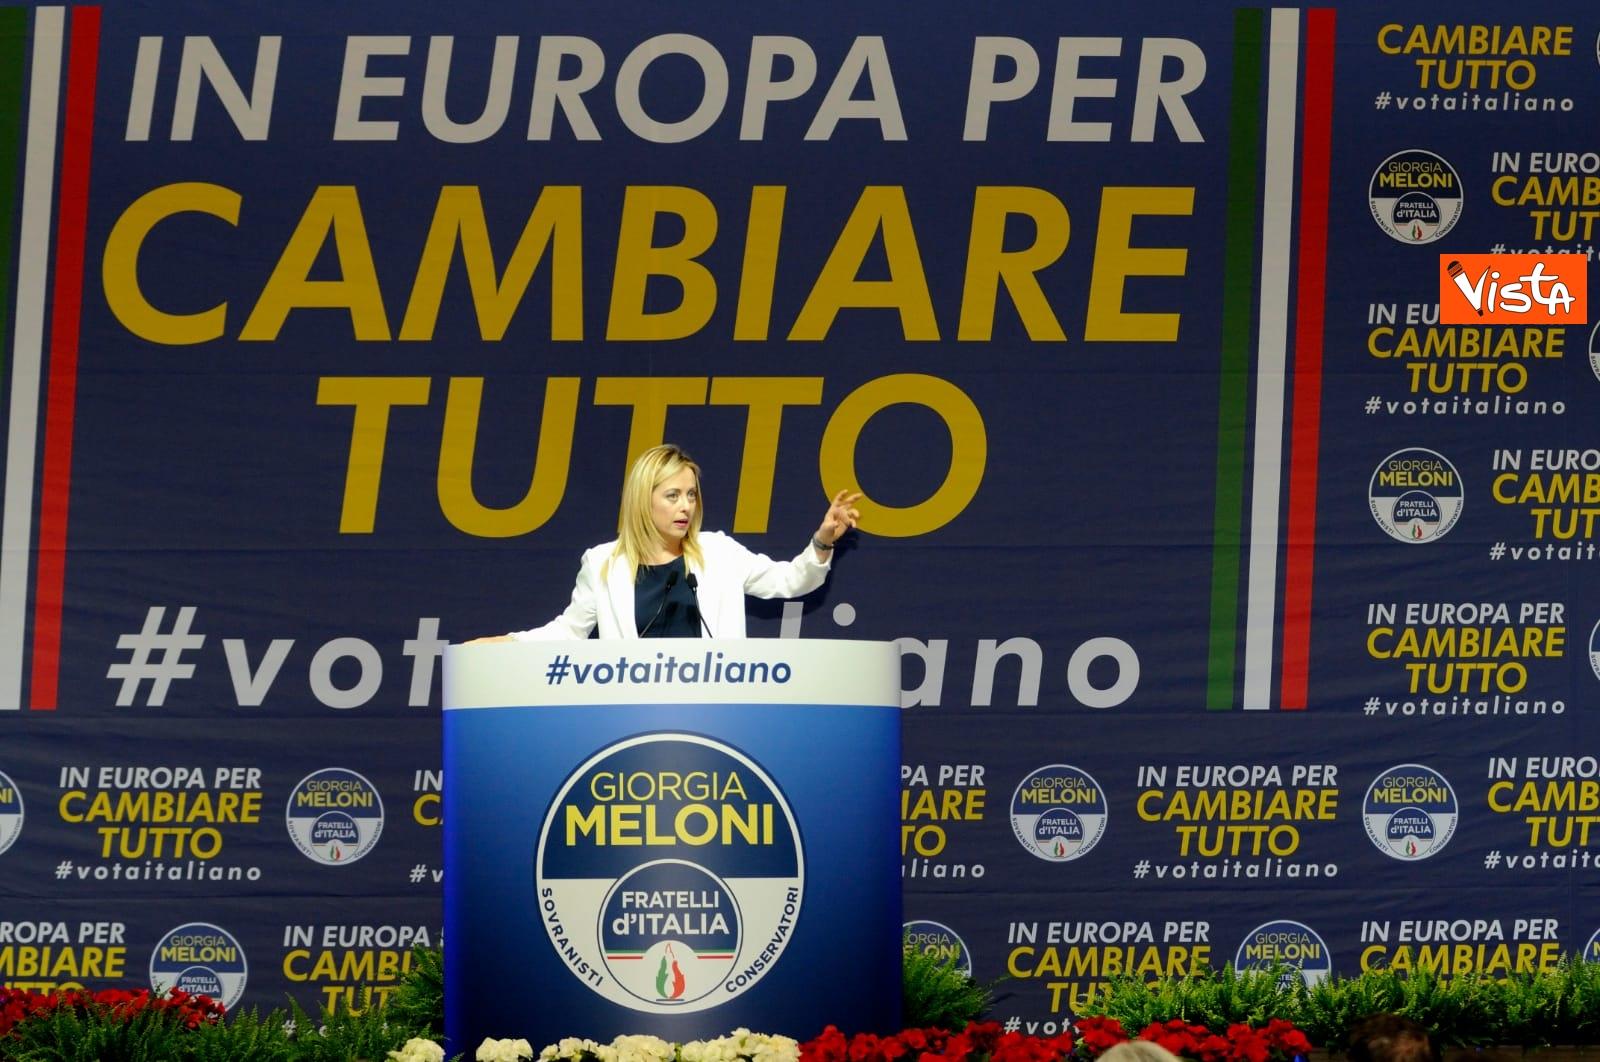 14-04-19 Europee la Meloni con FdI parte da Torino con la conferenza programmatica_03